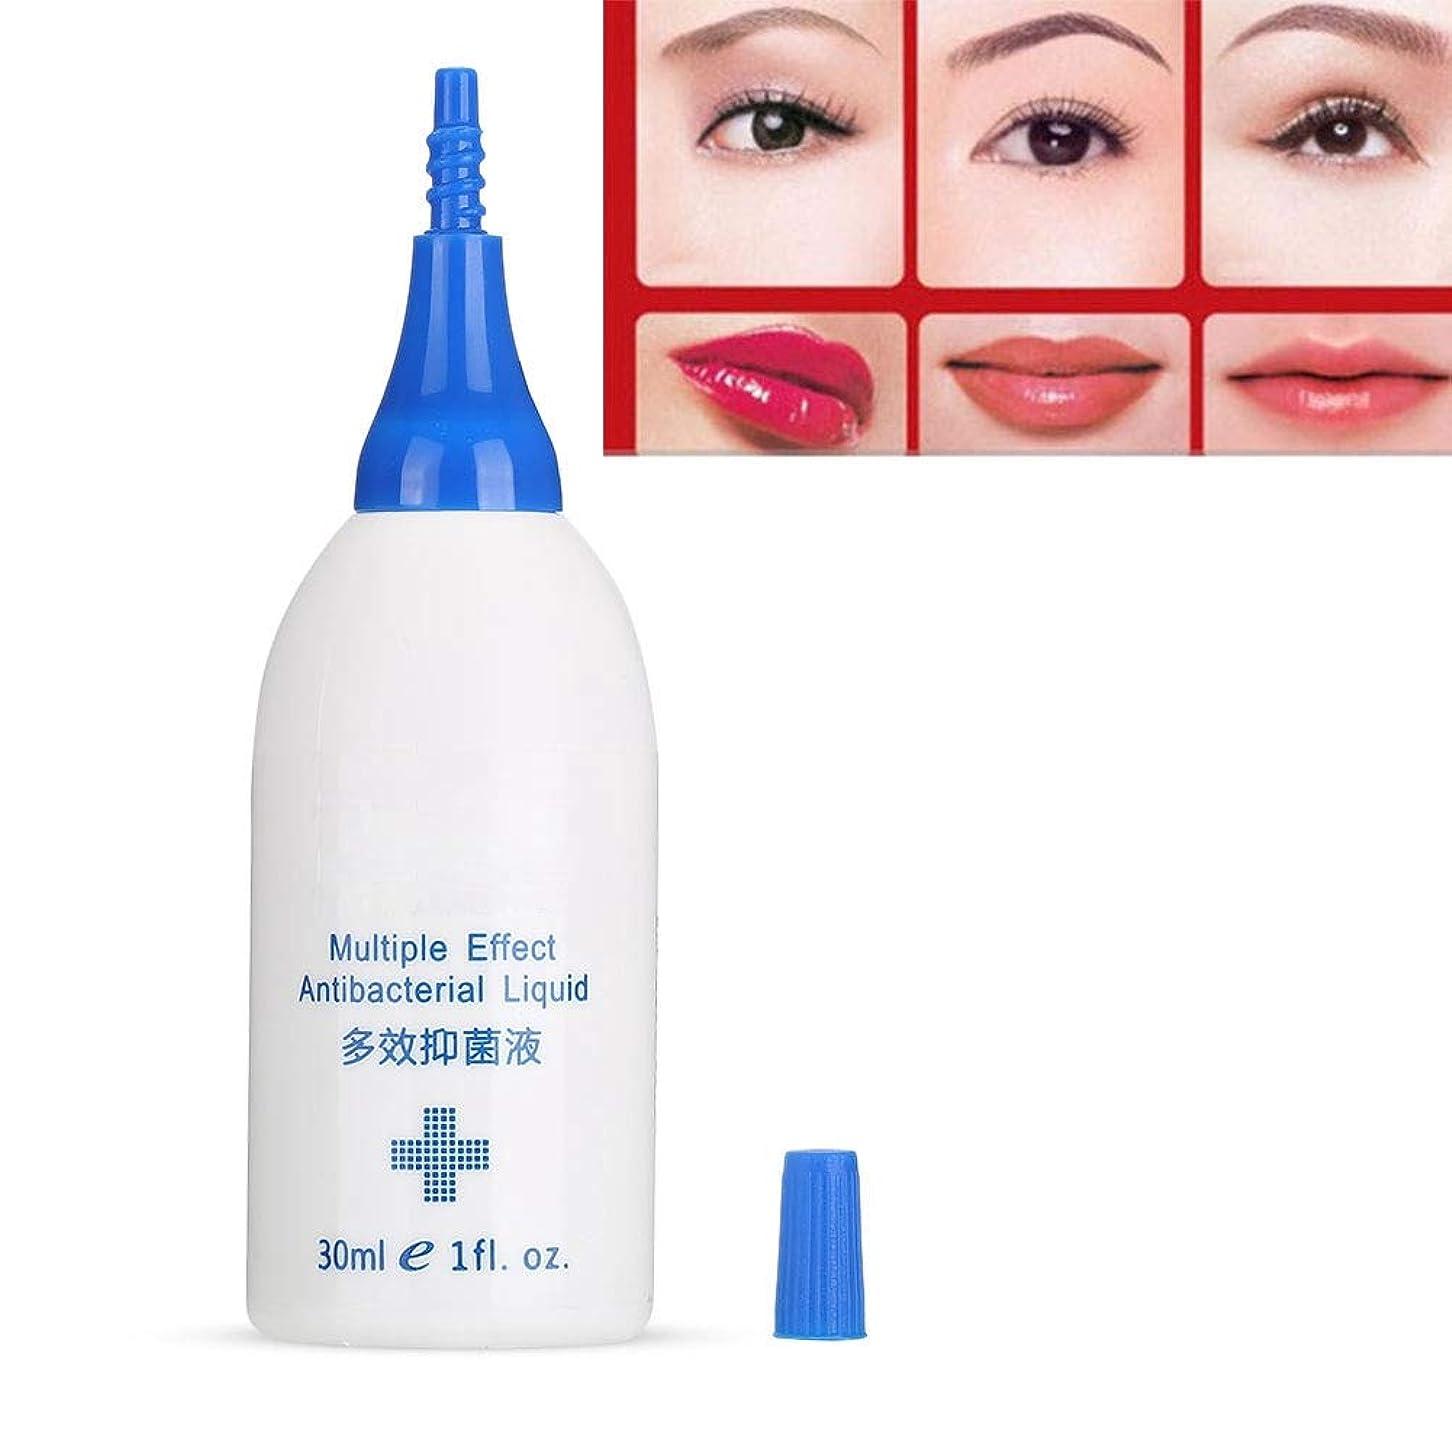 リキッドパーマネントメイクアップ - アイブロウインクリップ、マイクロブレードアイブロウタトゥーインク、顔料リキッド補助剤